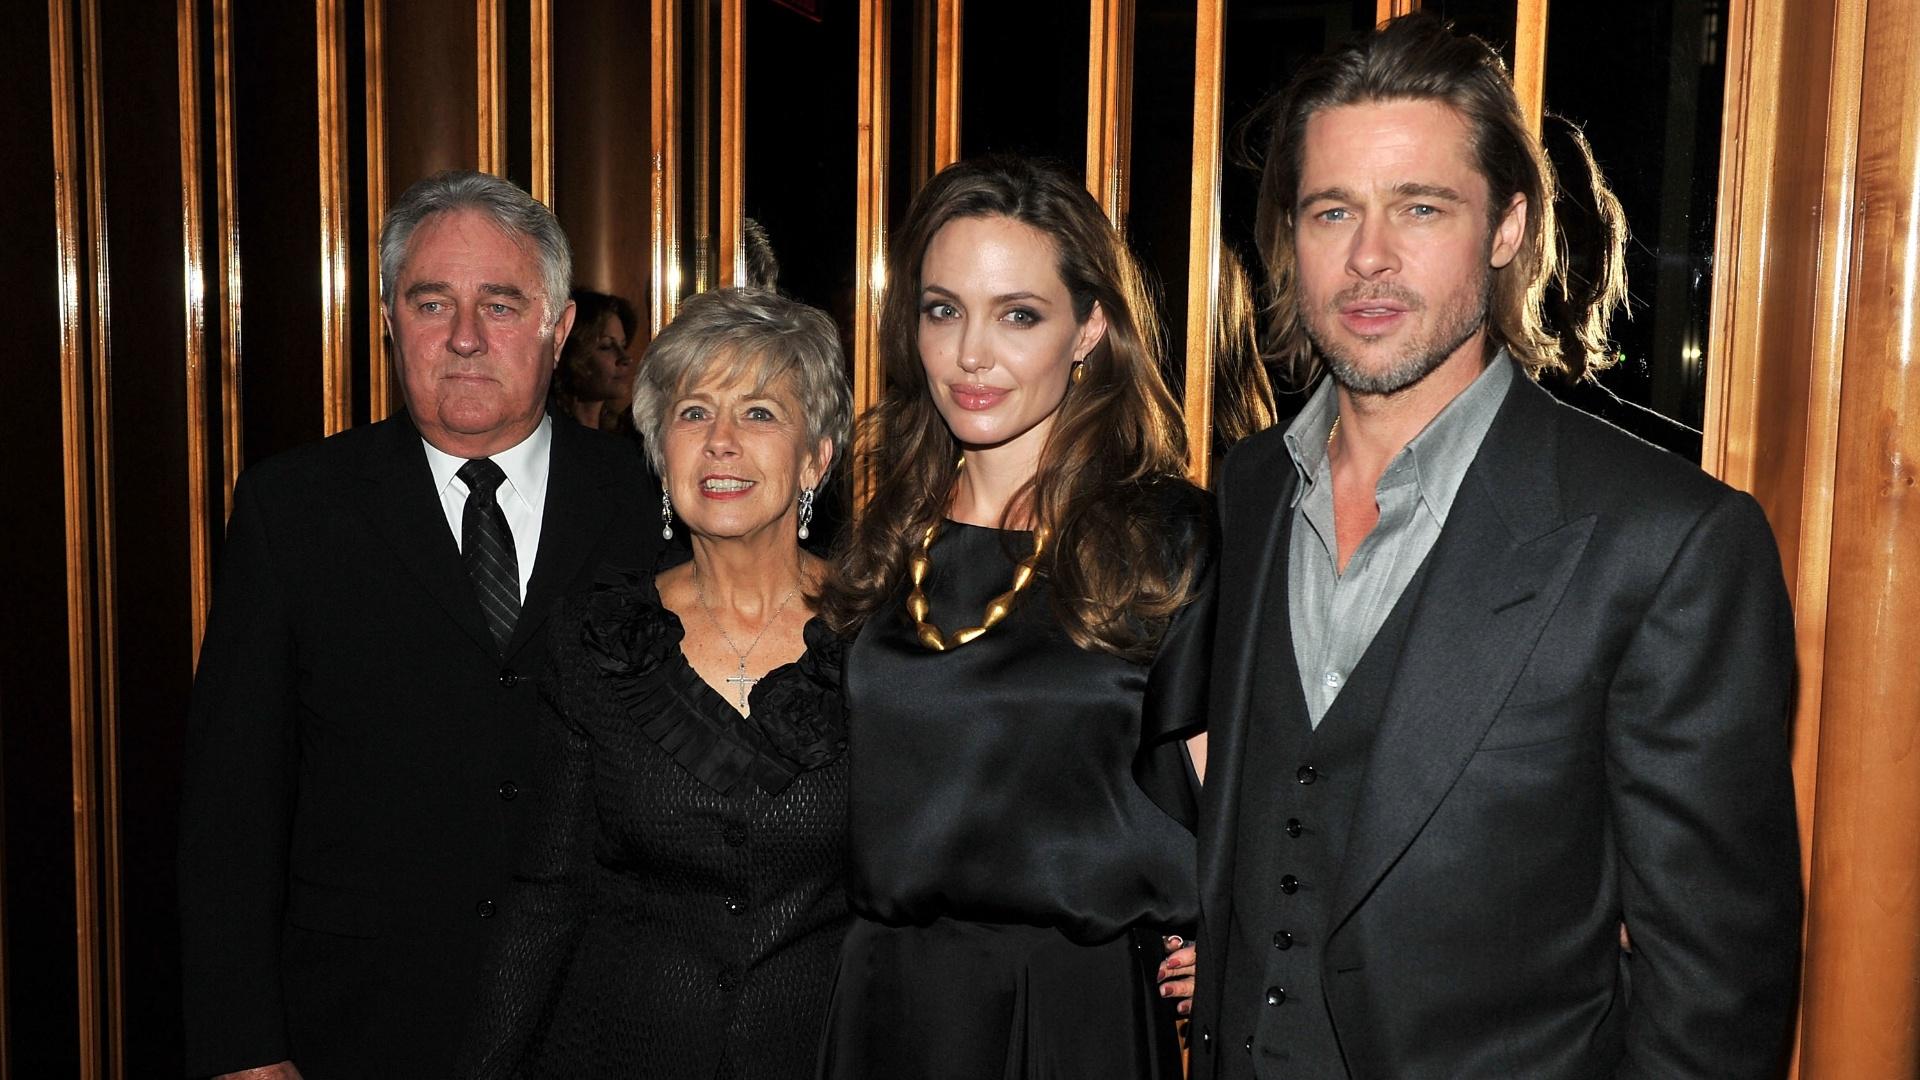 Da esquerda para a direita: Bill Pitt, Jane Pitt (pais de Brad Pitt), Angelina Jolie e Brad Pitt na première de